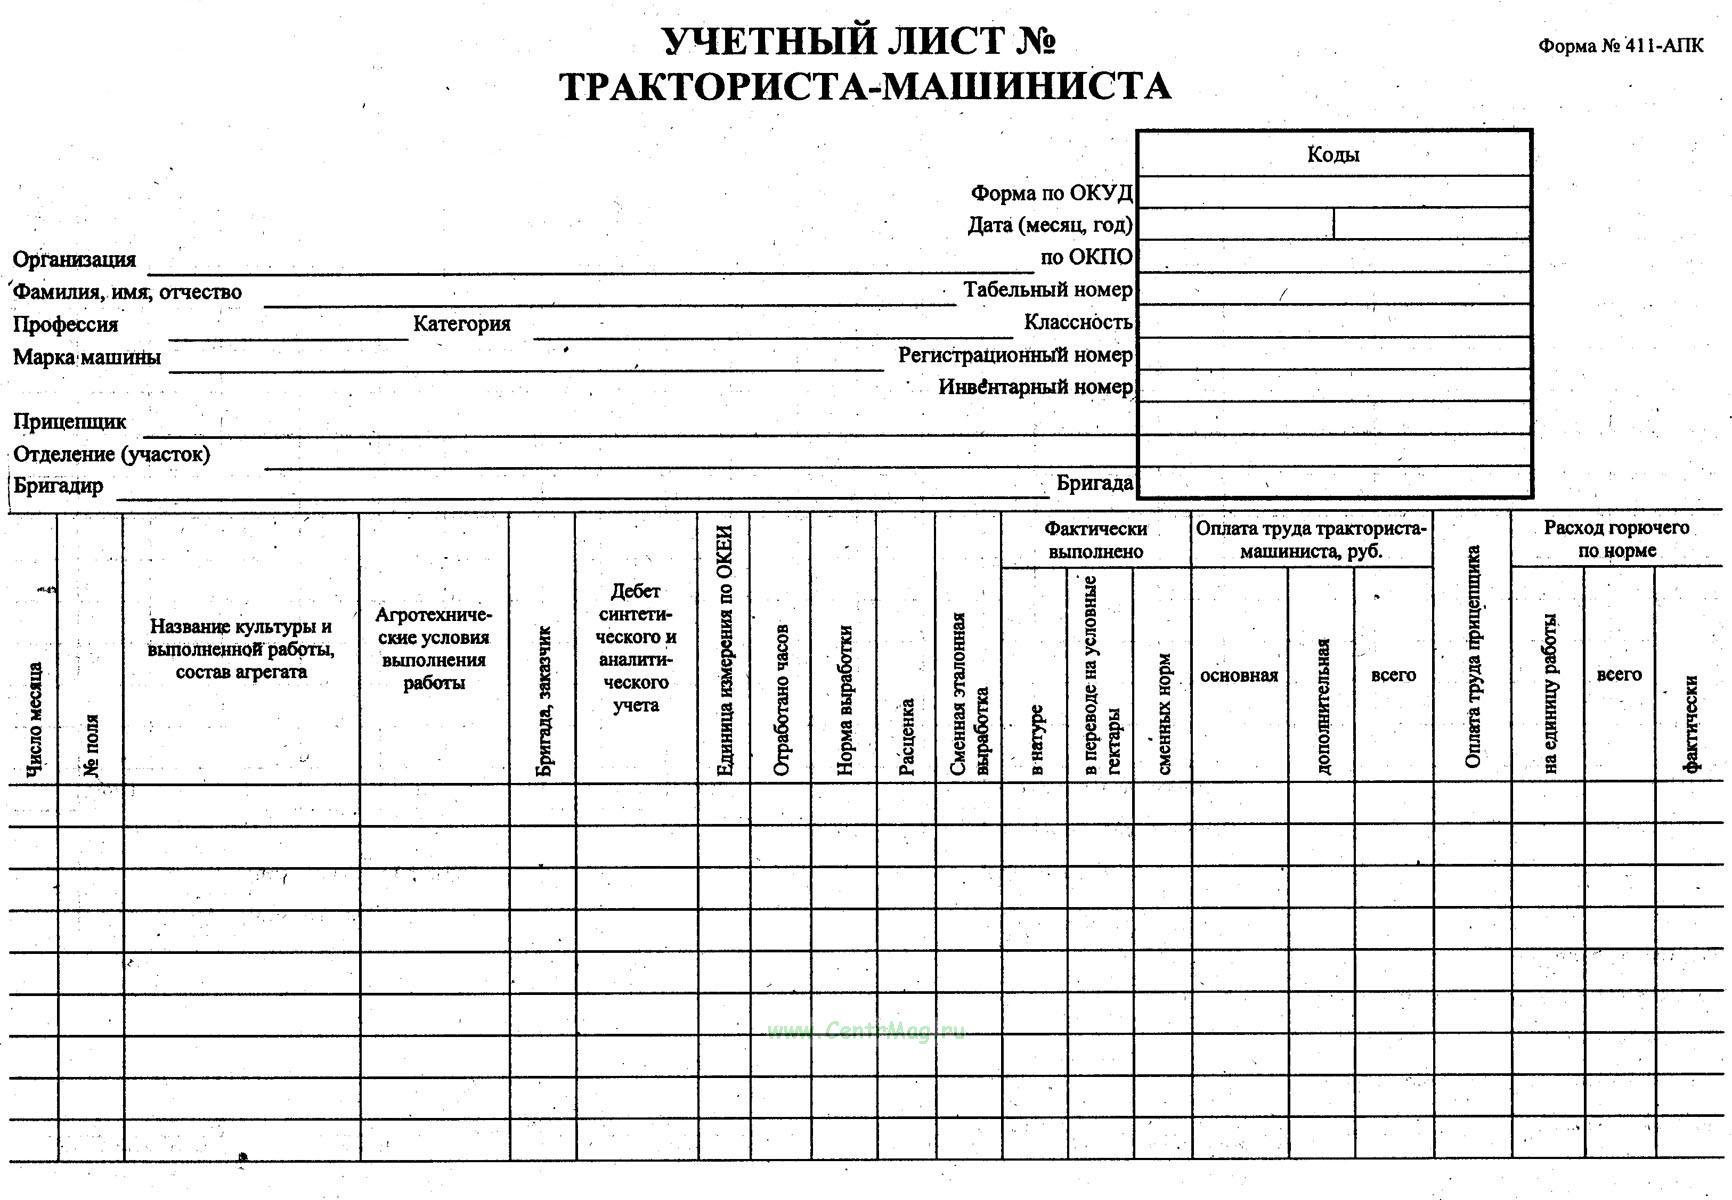 Учетный Лист Тракториста-машиниста Форма 411-апк